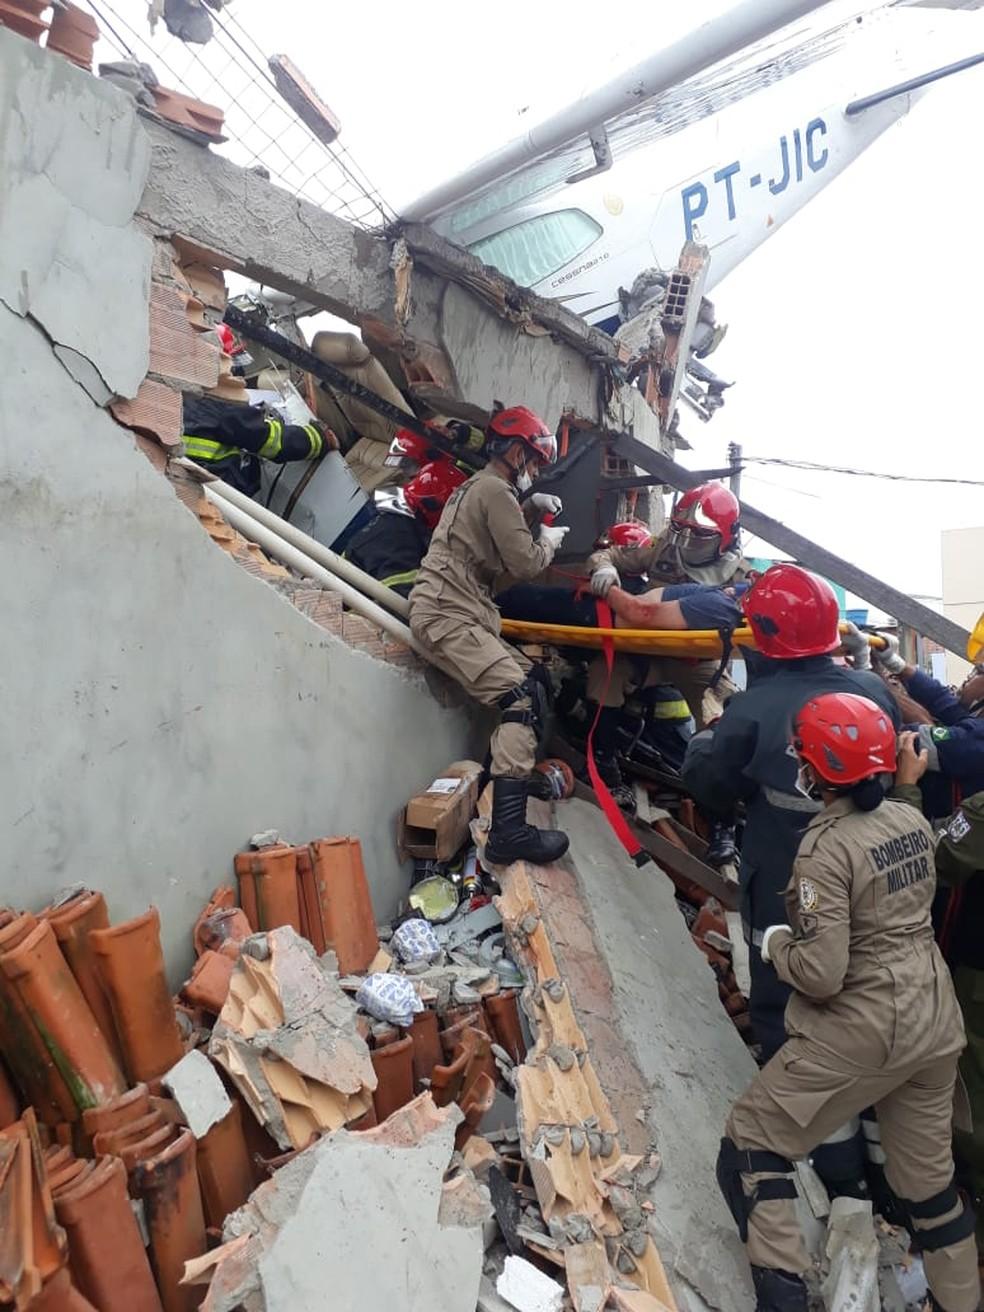 Bombeiros trabalham no resgate de vítimas da queda de monomotor, em Belém. — Foto: Reprodução/TV Liberal